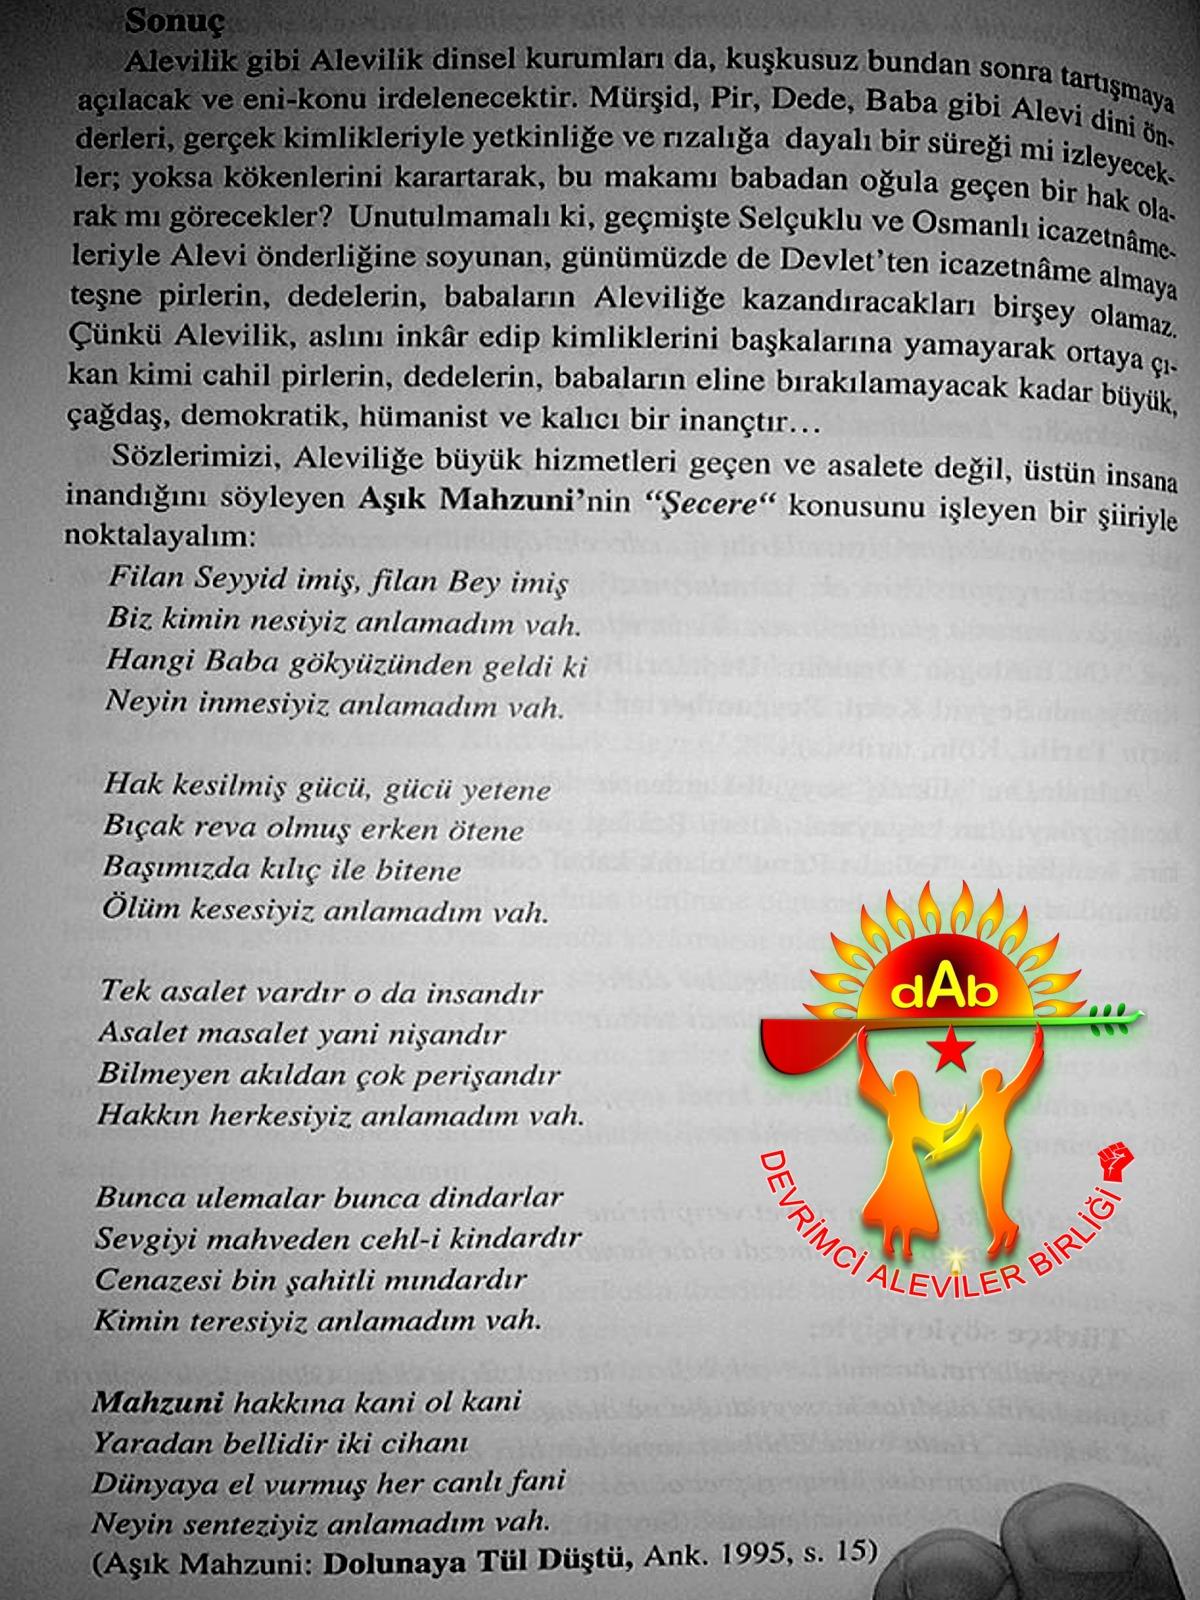 Alevi Bektaşi Kızılbaş Pir Sultan İslam dışı Atatürk faşist ehlibeyt 12 imam Devrimci Aleviler Birliği DAB vah